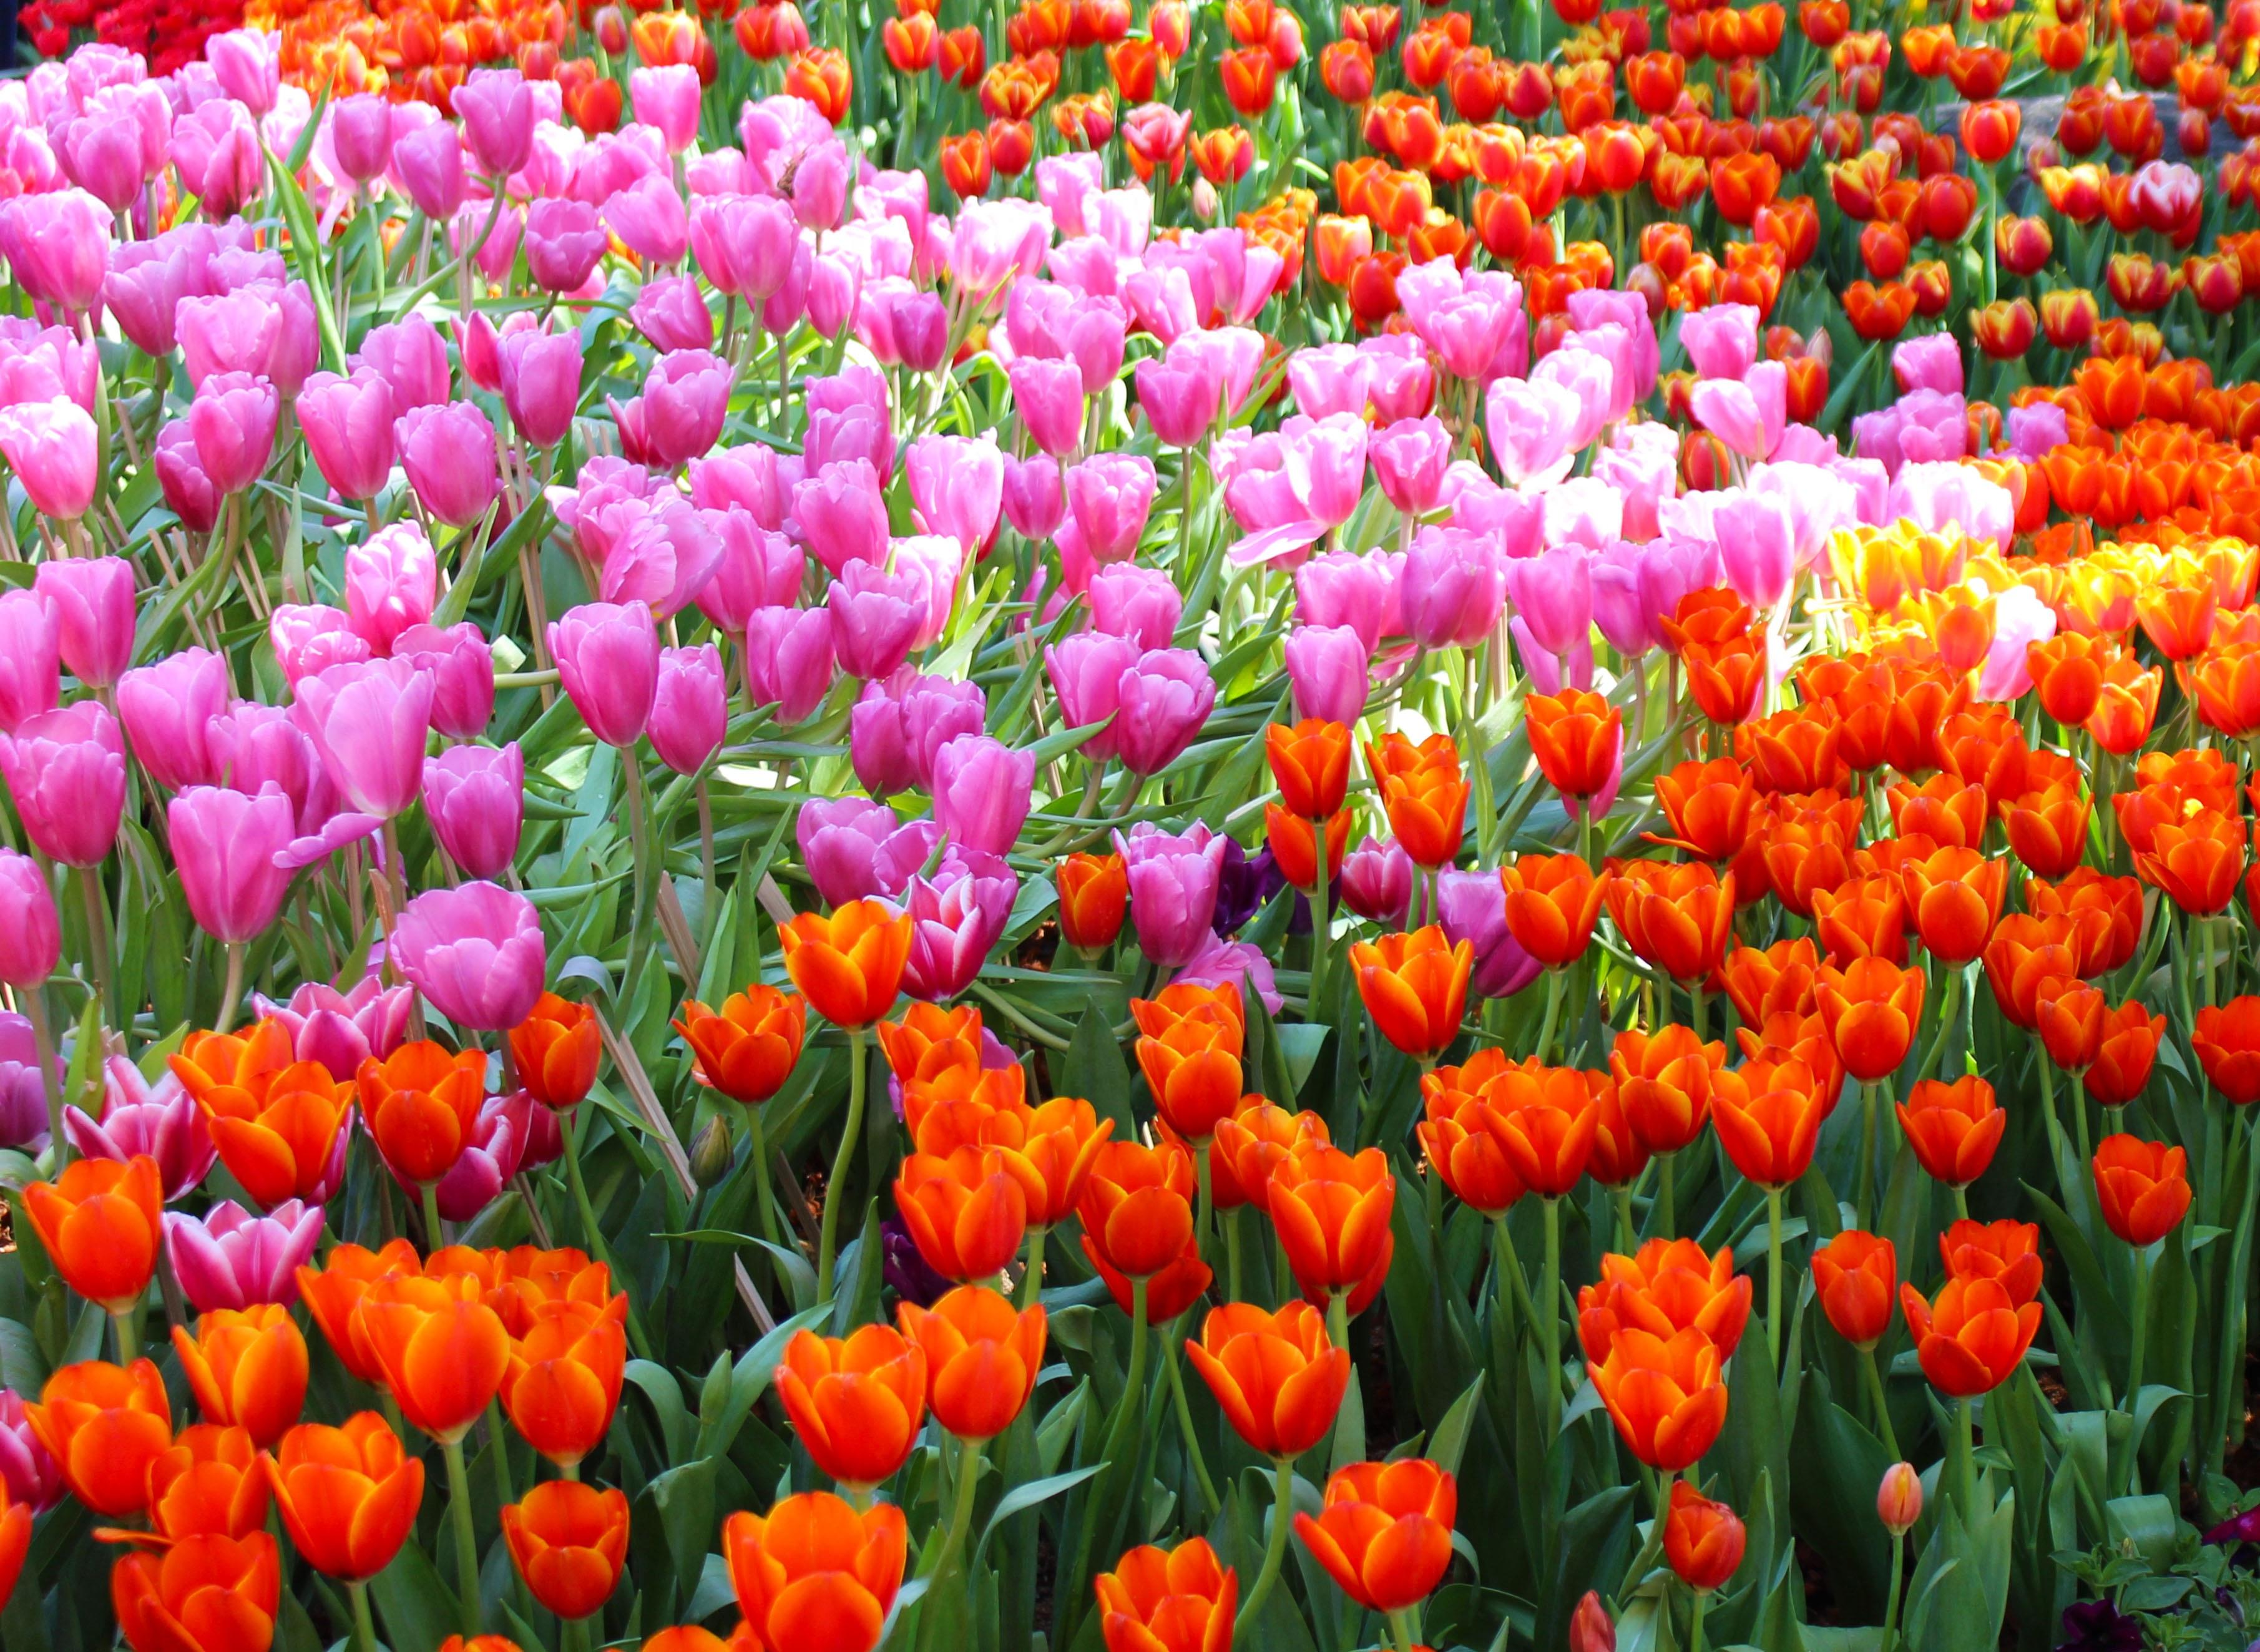 картинки тюльпаны фотографии сомневайся